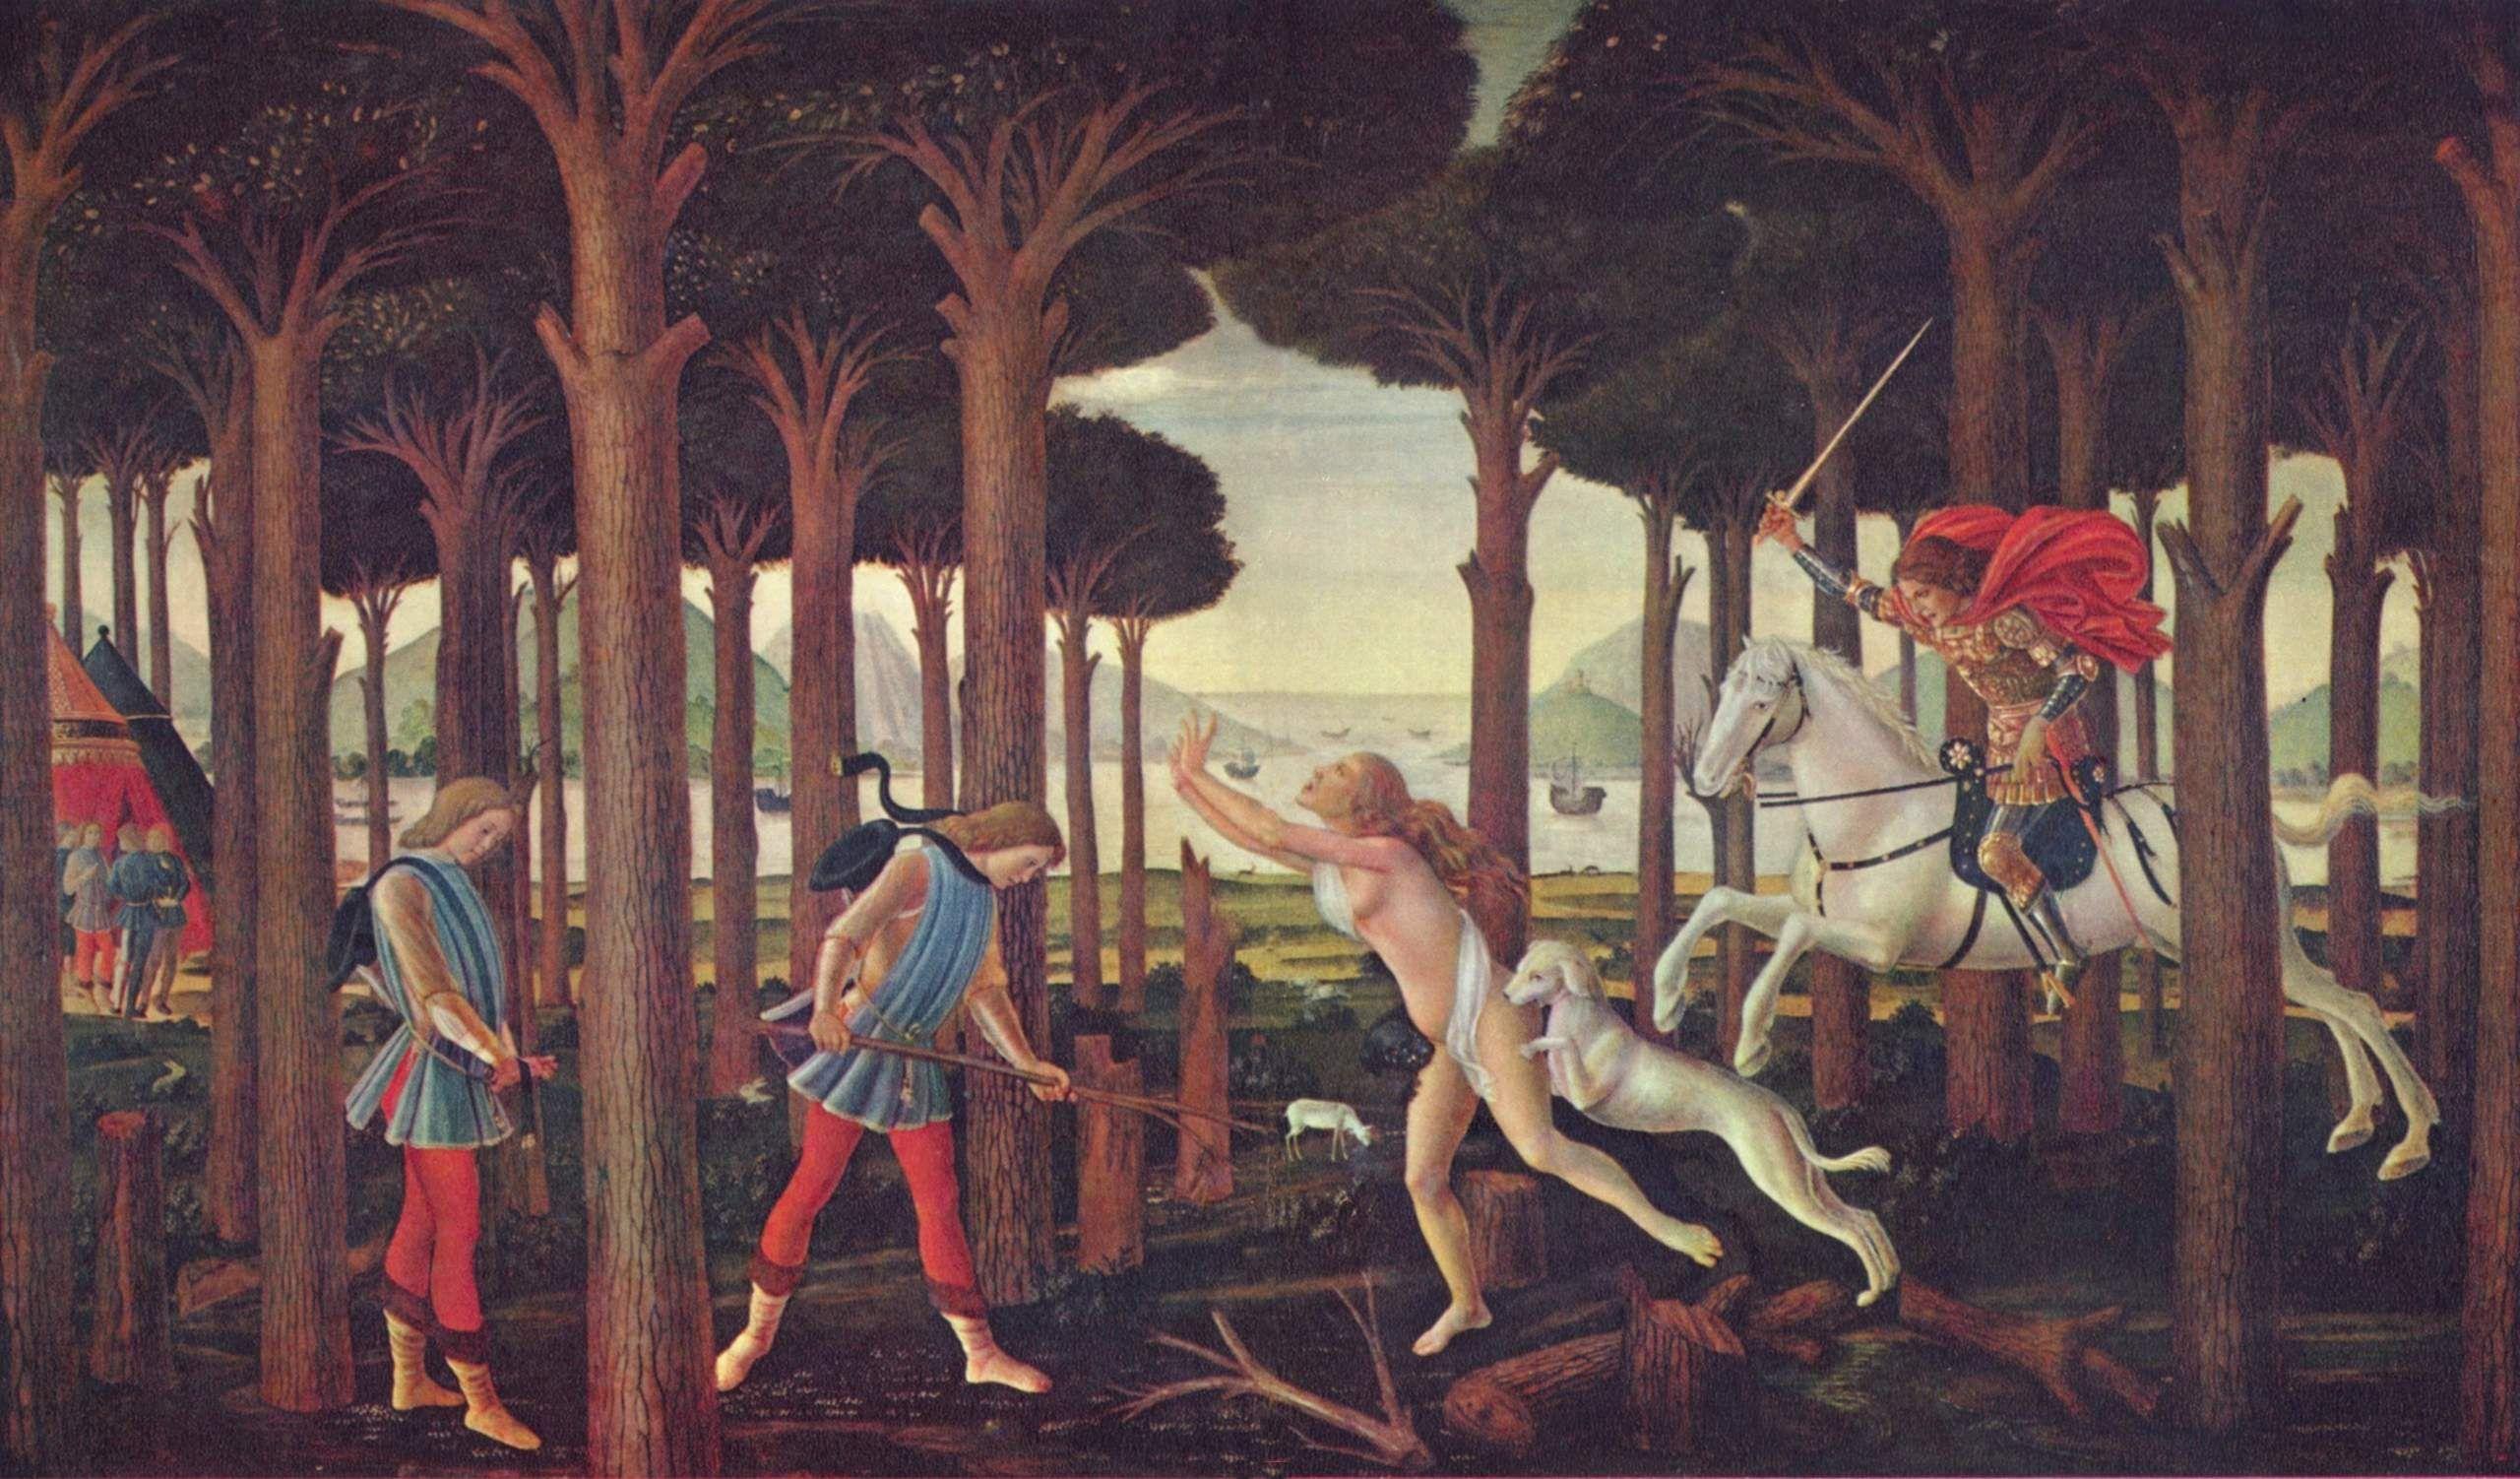 The Story of Nastagio degli Onesti (I), from The Decameron, by Boccaccio - Sandro Botticelli, 1484, tempera, 138 x 83 cm, Museo del Prado, Madrid, Spain